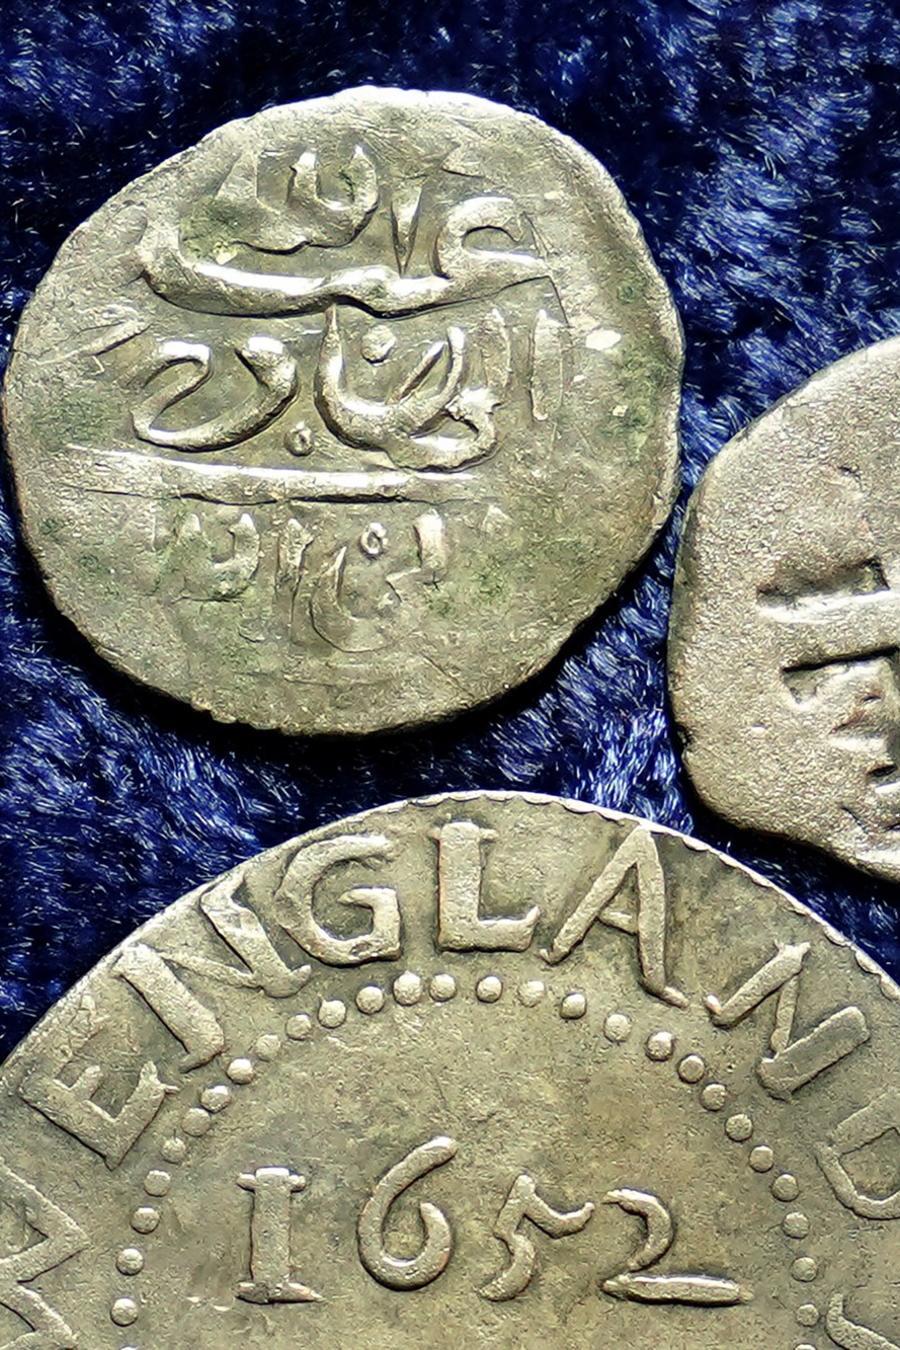 Una moneda árabe de plata del siglo XVII se aprecia en la parte superior junto a otra moneda acuñada en 1652 por la Colonia de la bahía de Massachusetts, abajo, y una moneda española de medio real de 1727, a la derecha.